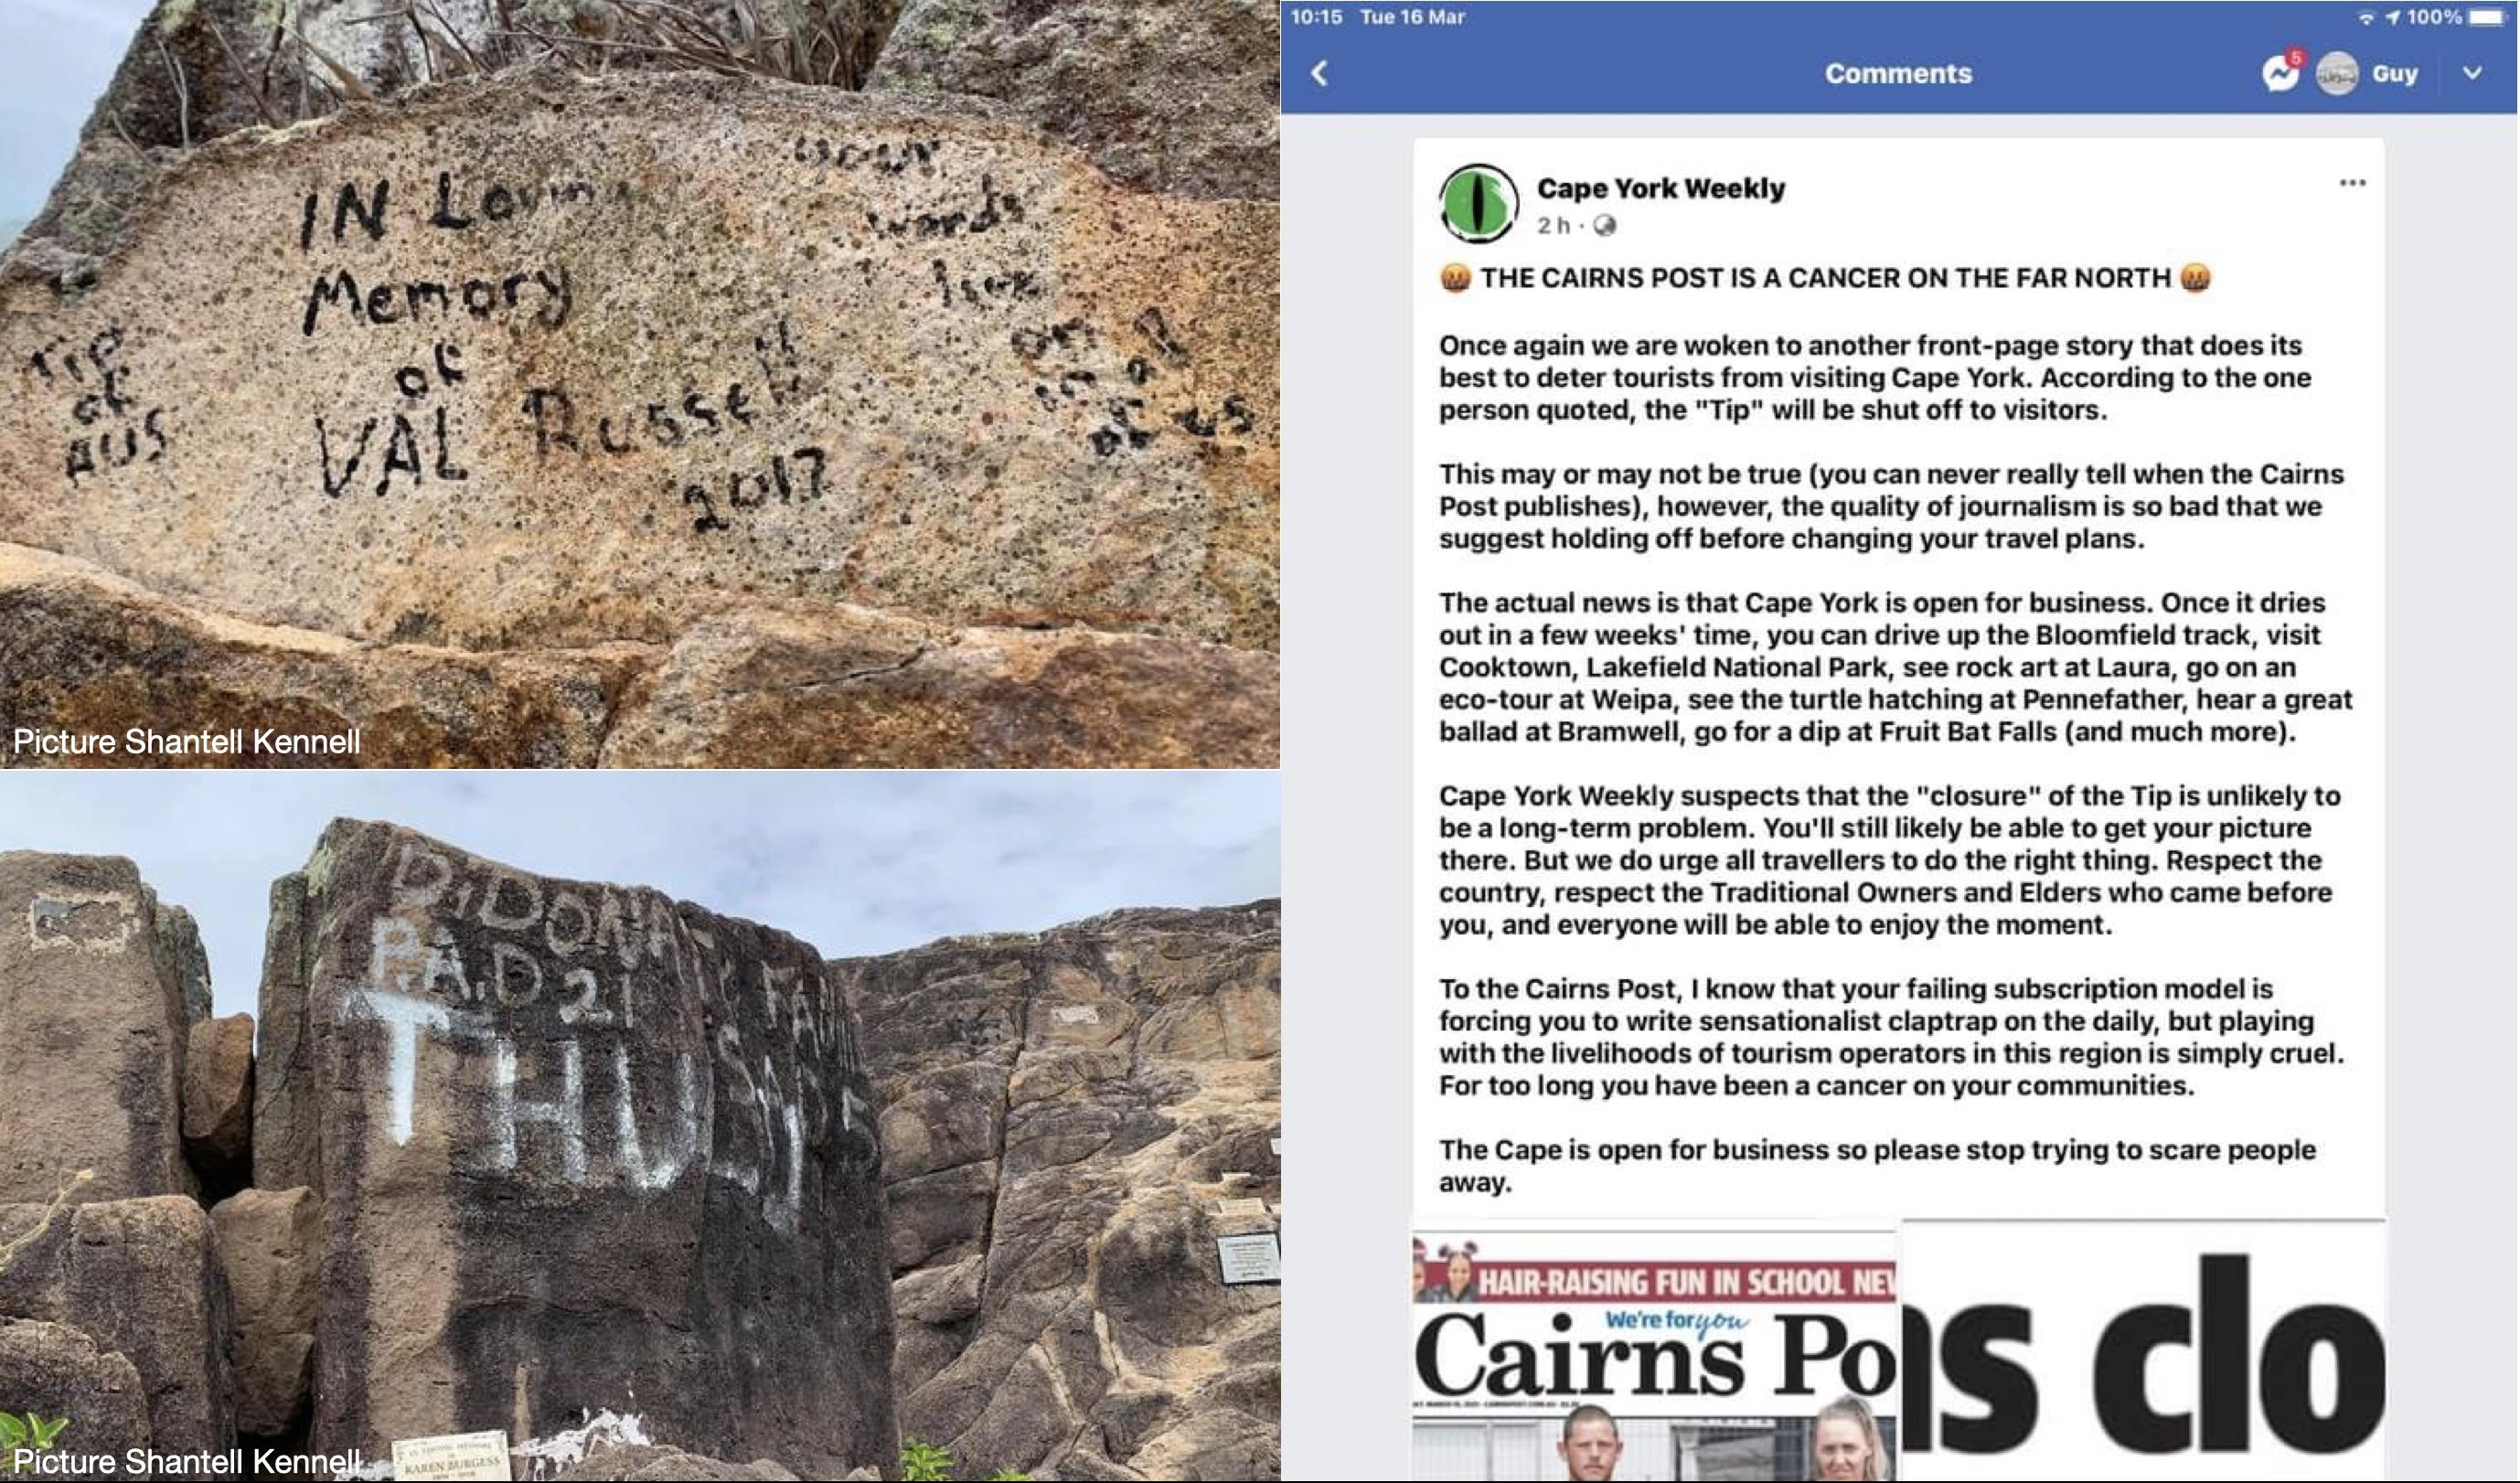 Cape York closed - graffiti and news item